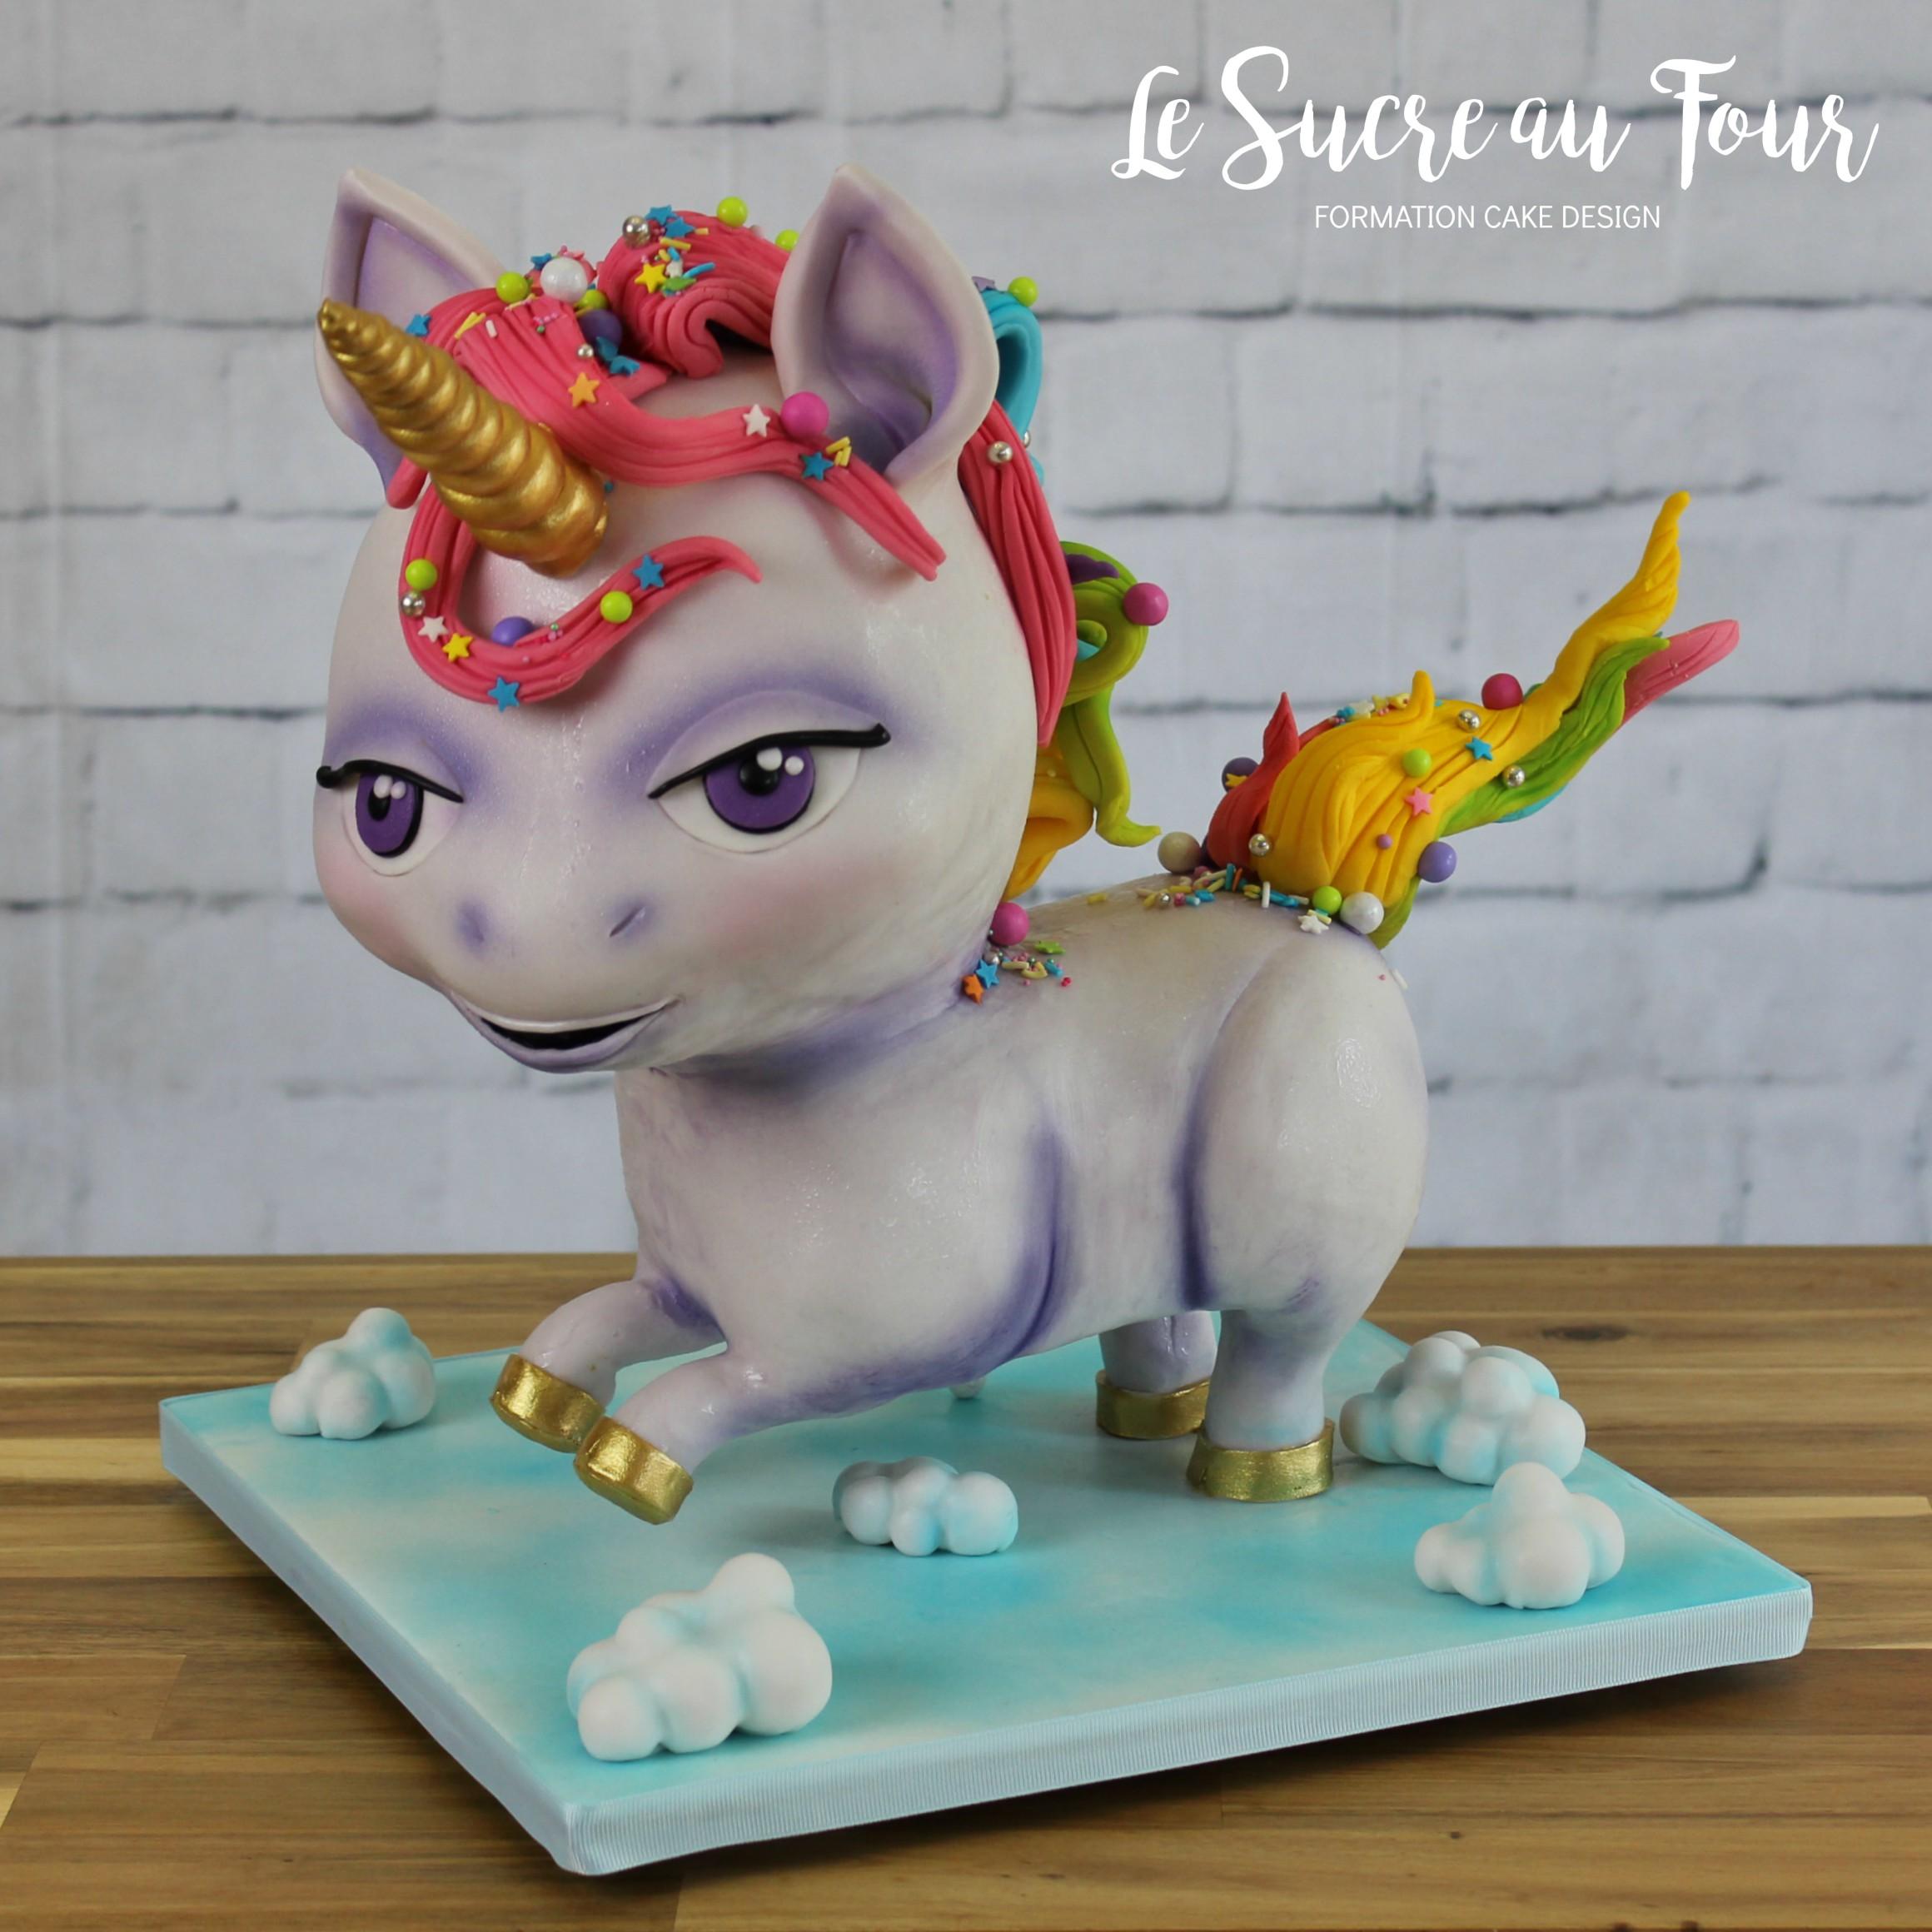 Cours de cake design la licorne 3d le sucre au four for Cours de design